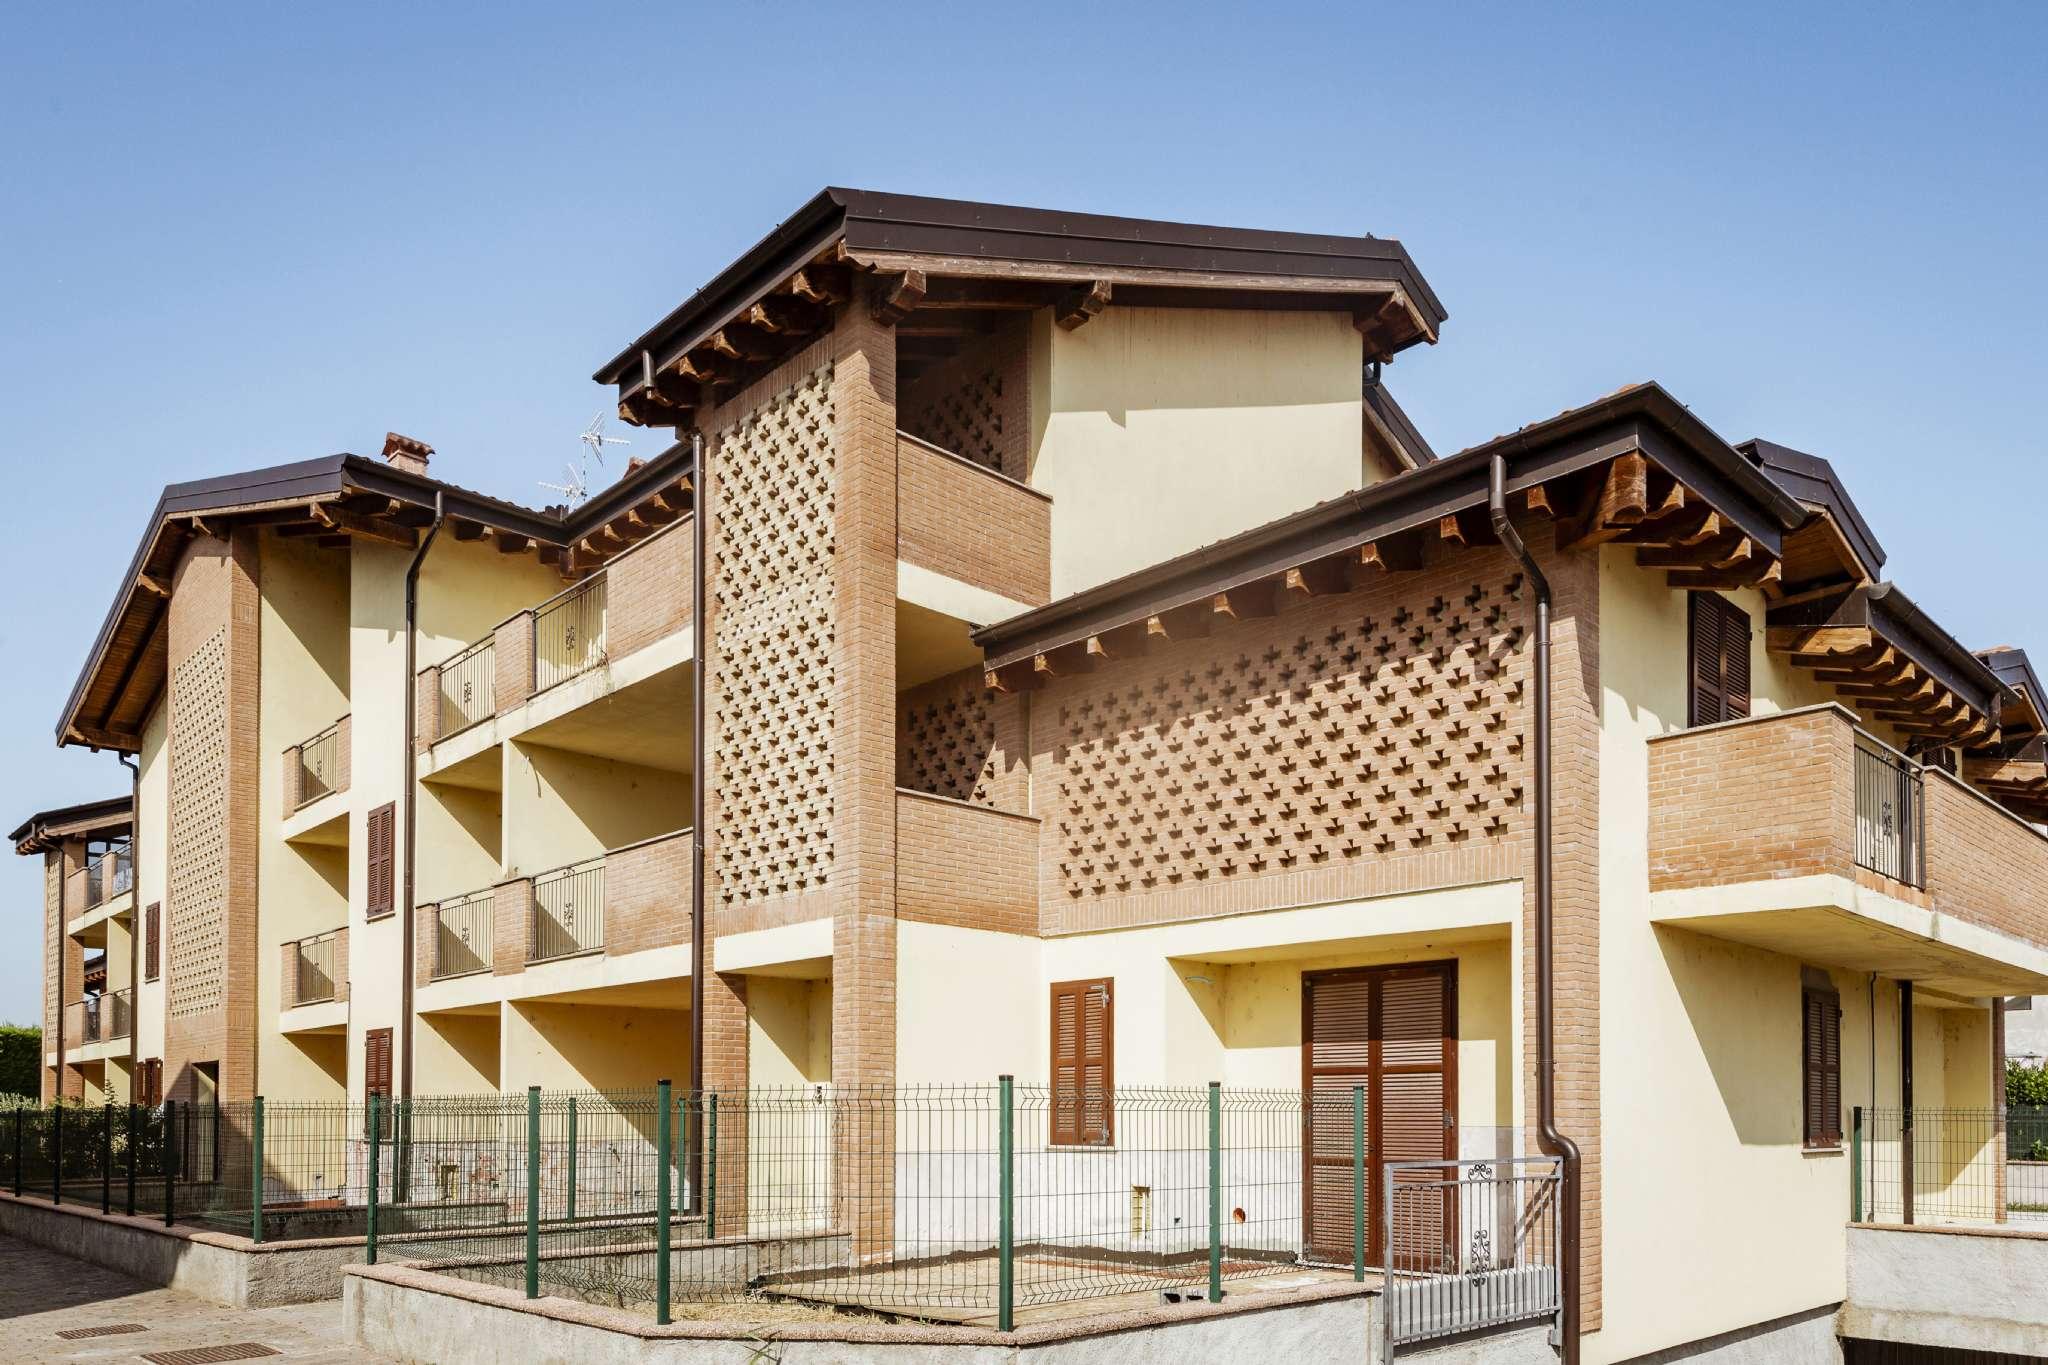 Appartamento in vendita a Certosa di Pavia, 2 locali, prezzo € 85.000 | PortaleAgenzieImmobiliari.it